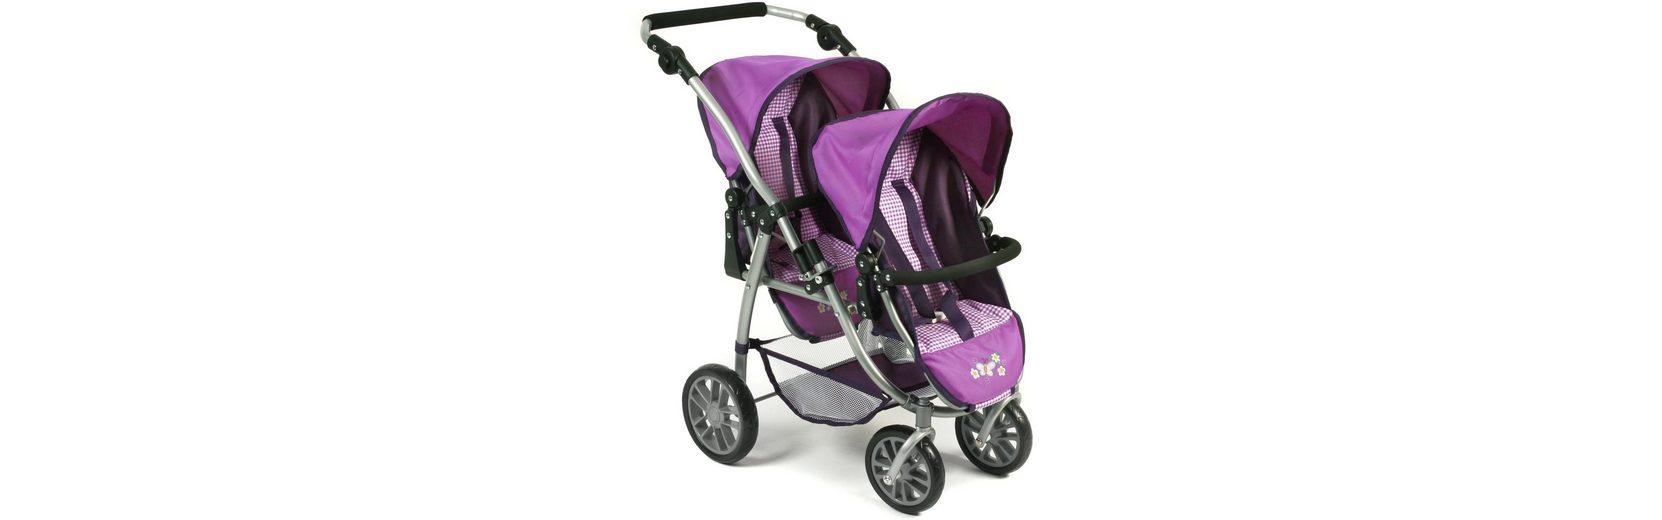 CHIC2000 Puppen Tandembuggy mit schwenkbaren Vorderrädern, »VARIO Purple«